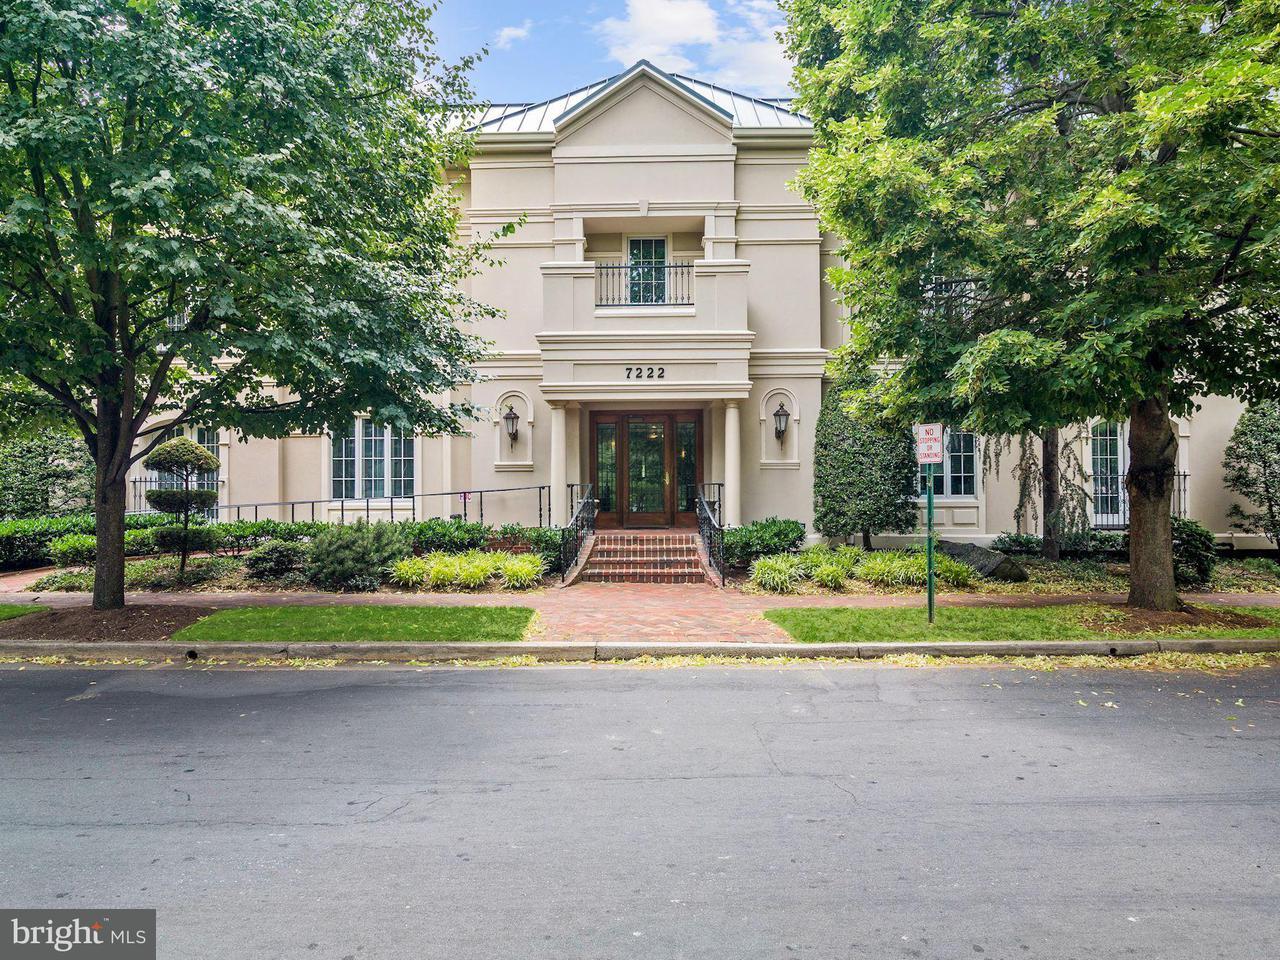 Eigentumswohnung für Verkauf beim 7222 47th St #R-2 7222 47th St #R-2 Chevy Chase, Maryland 20815 Vereinigte Staaten